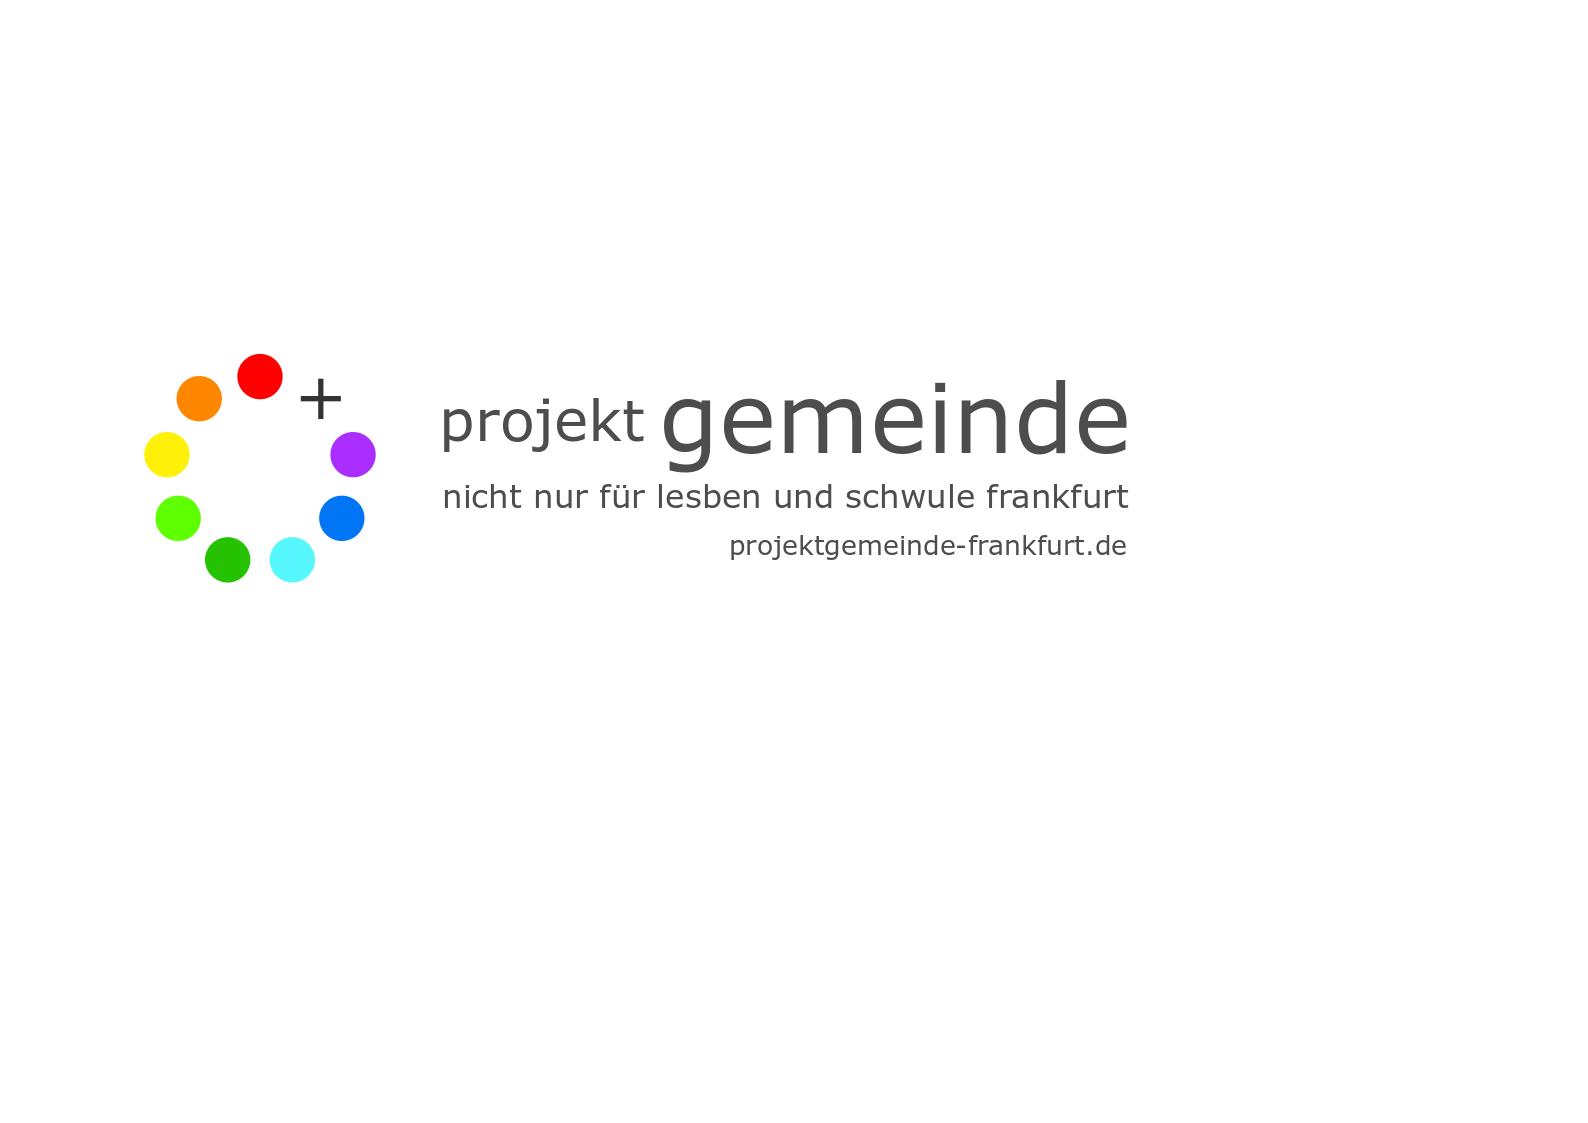 Projektgemeinde FFM